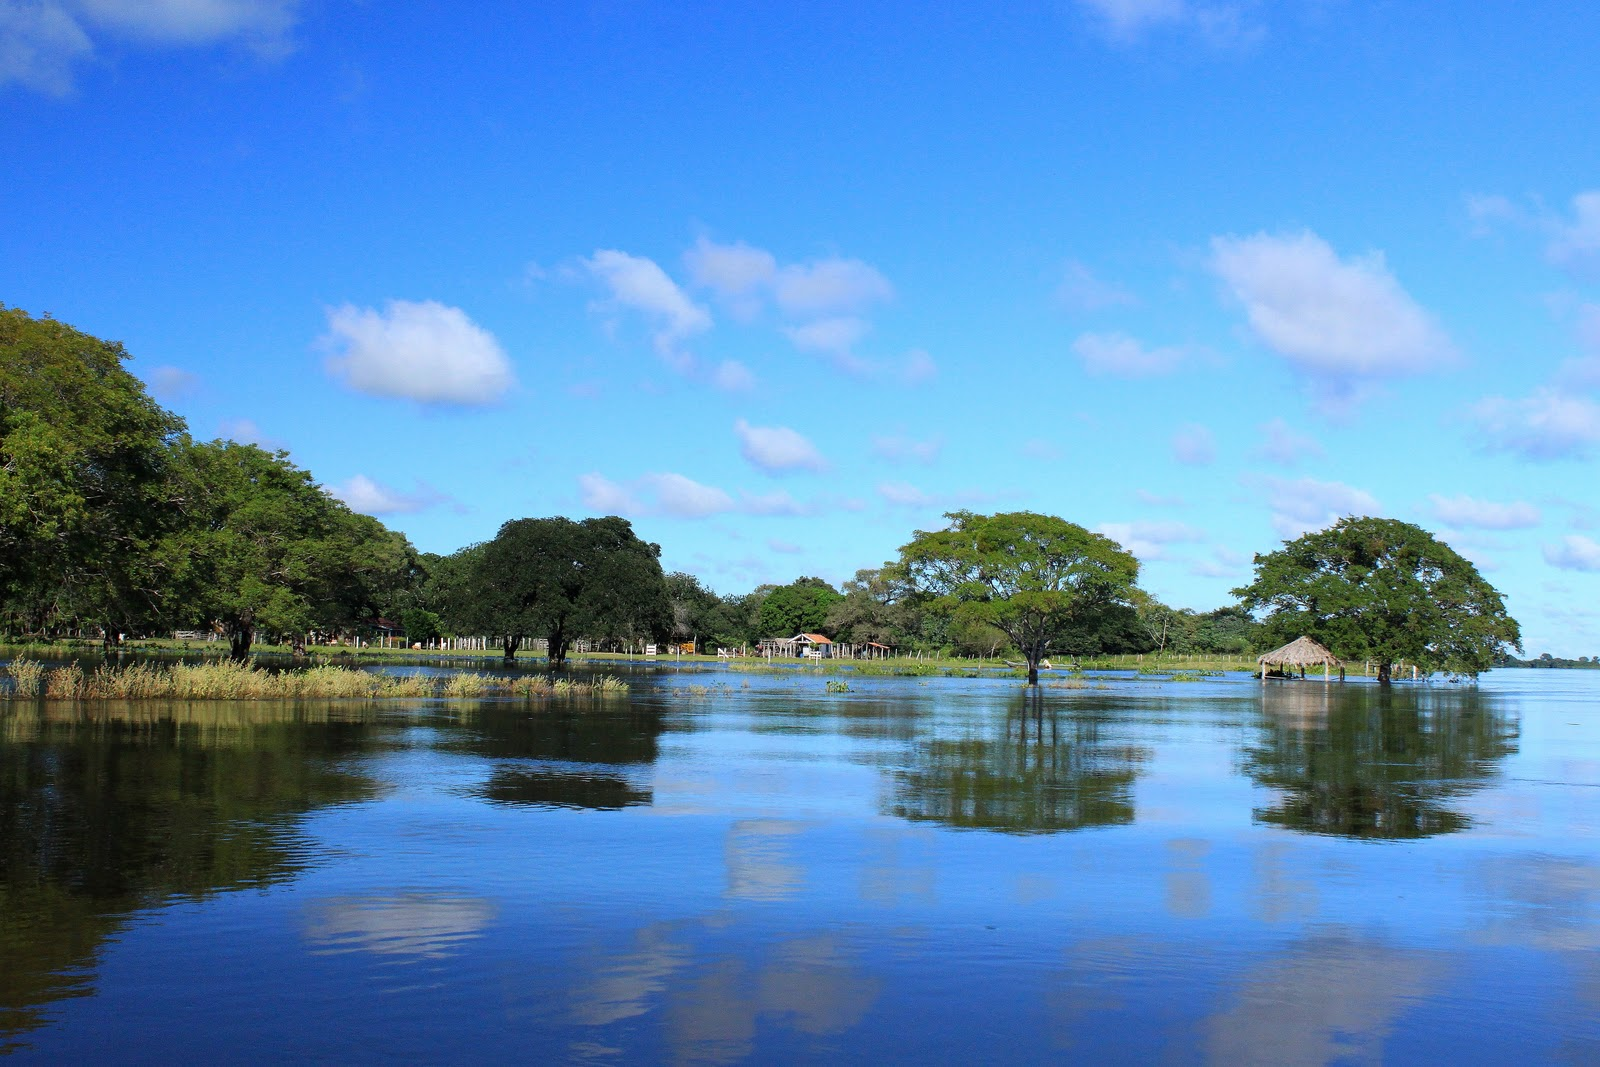 Fotos do aviao da pantanal